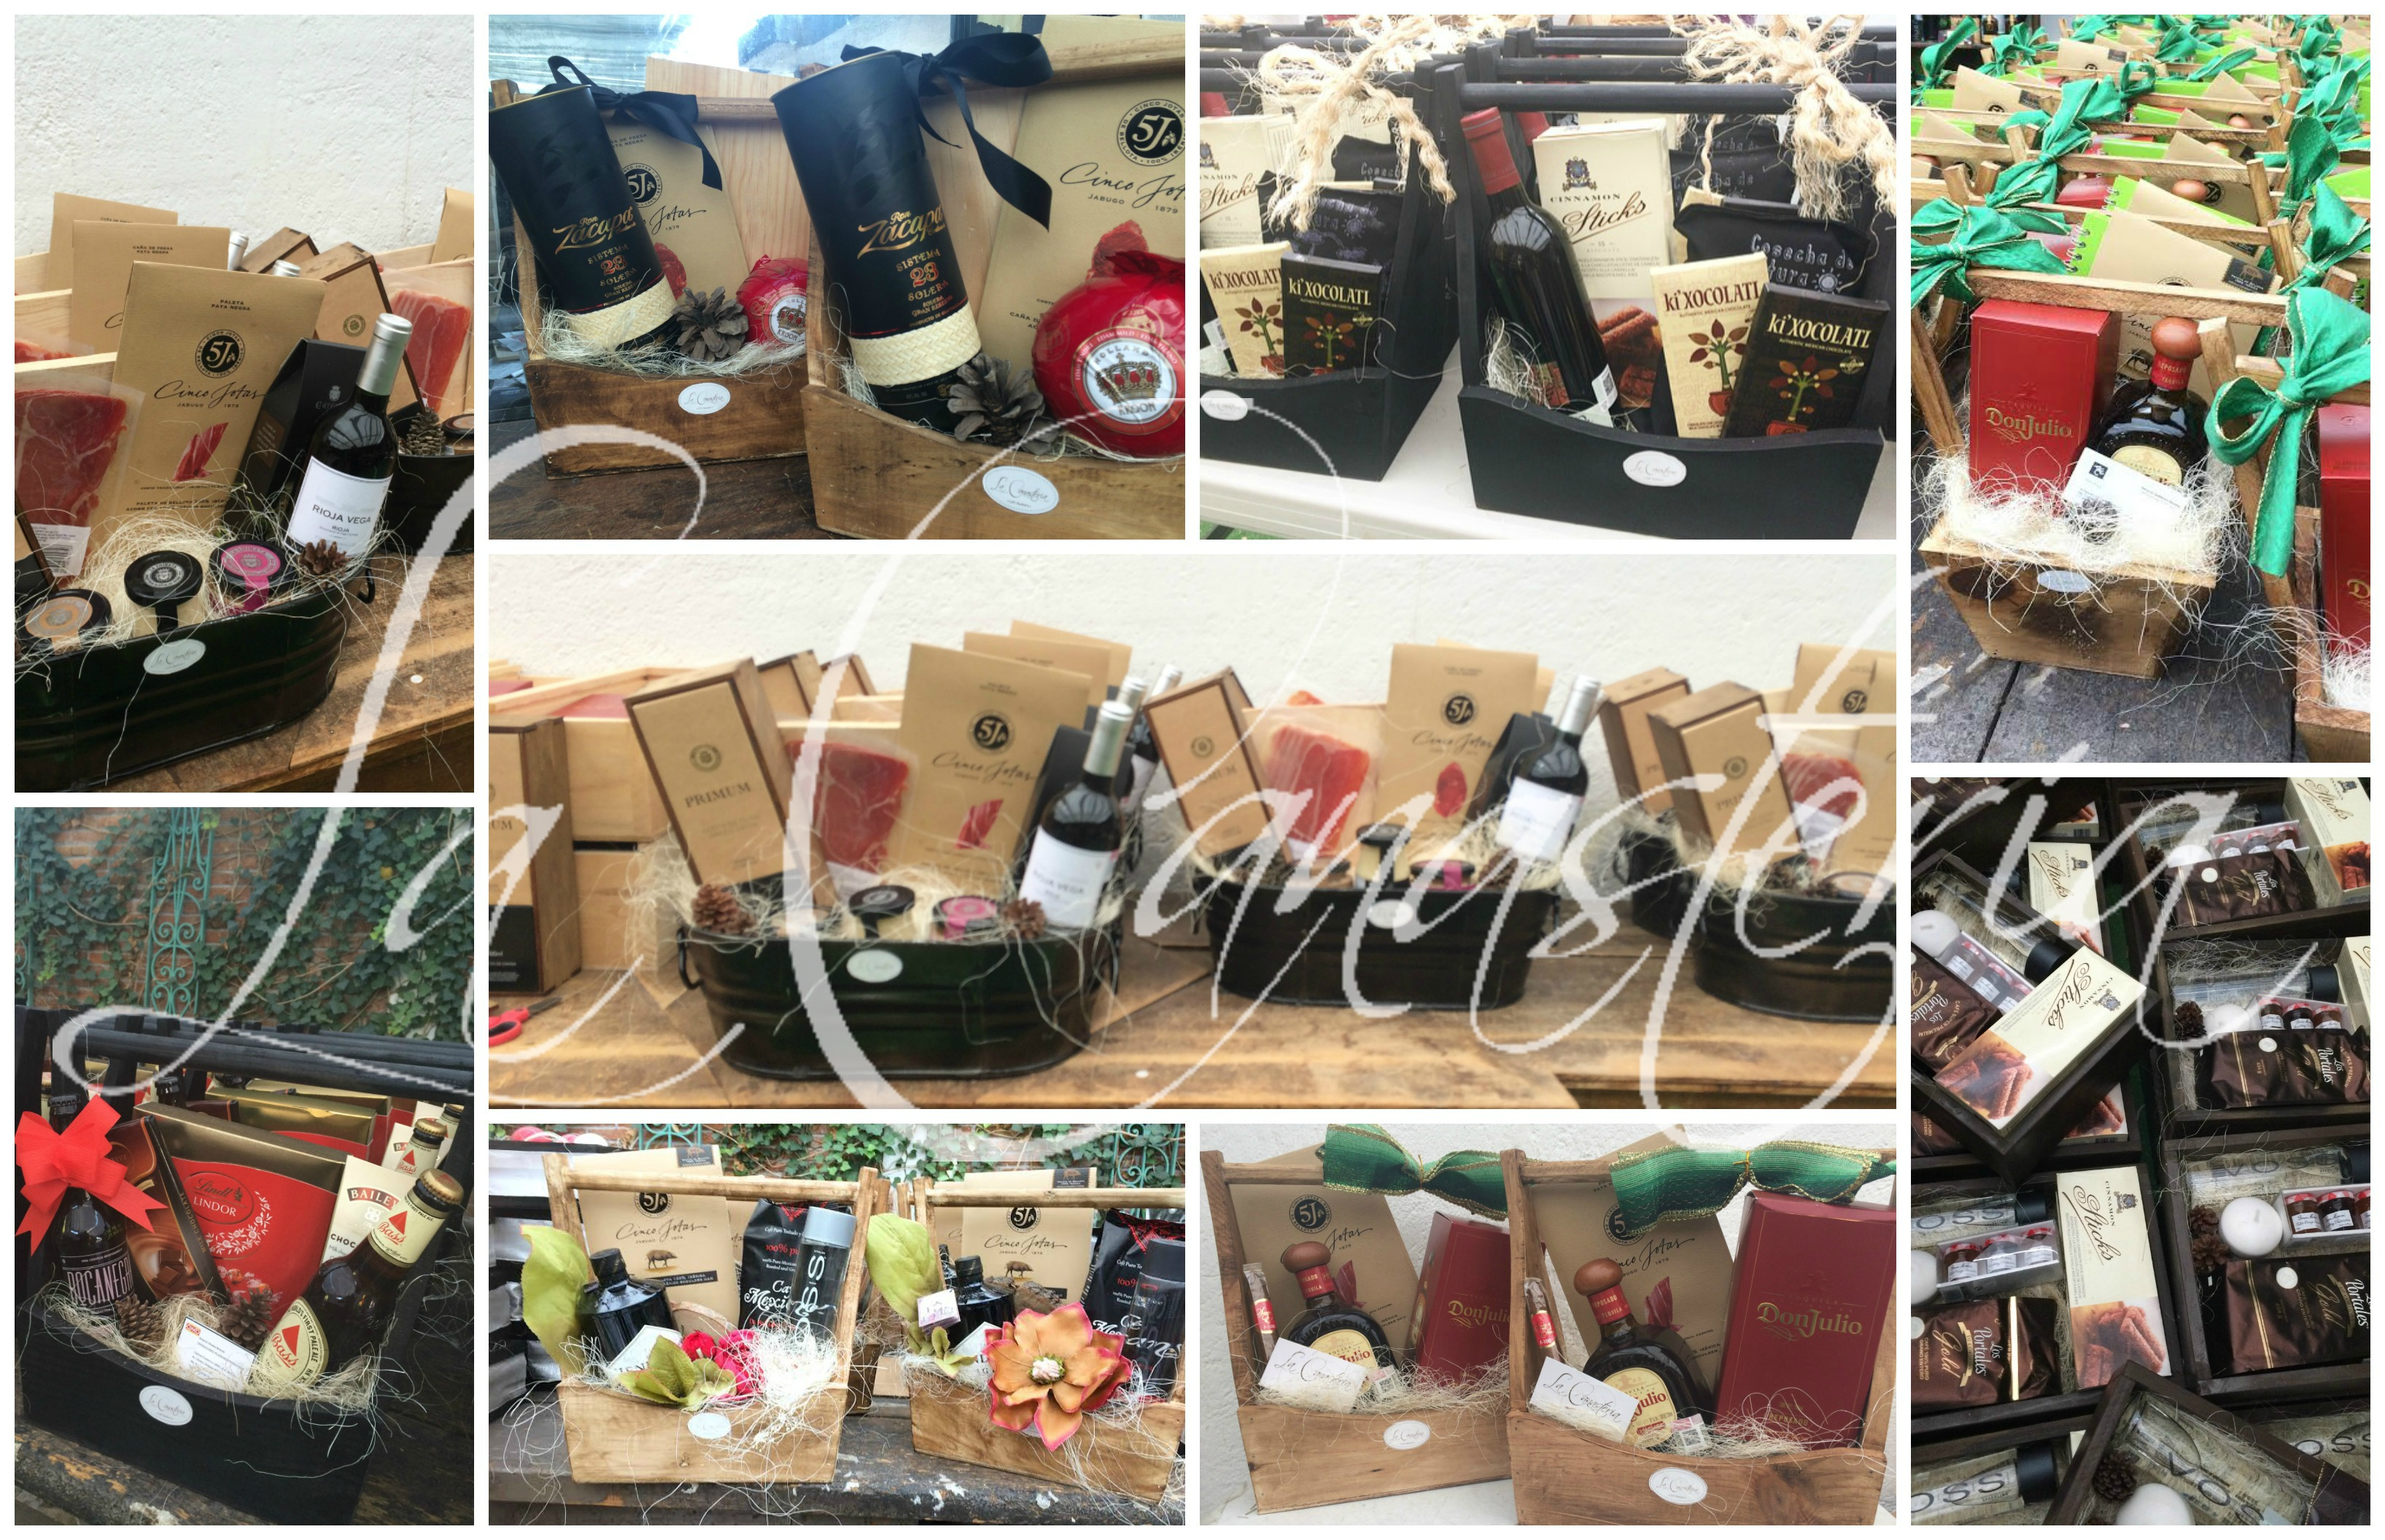 arcones navideños finos, arcones navideños puebla, arcones navideños originales, arcones navideños exclusivos